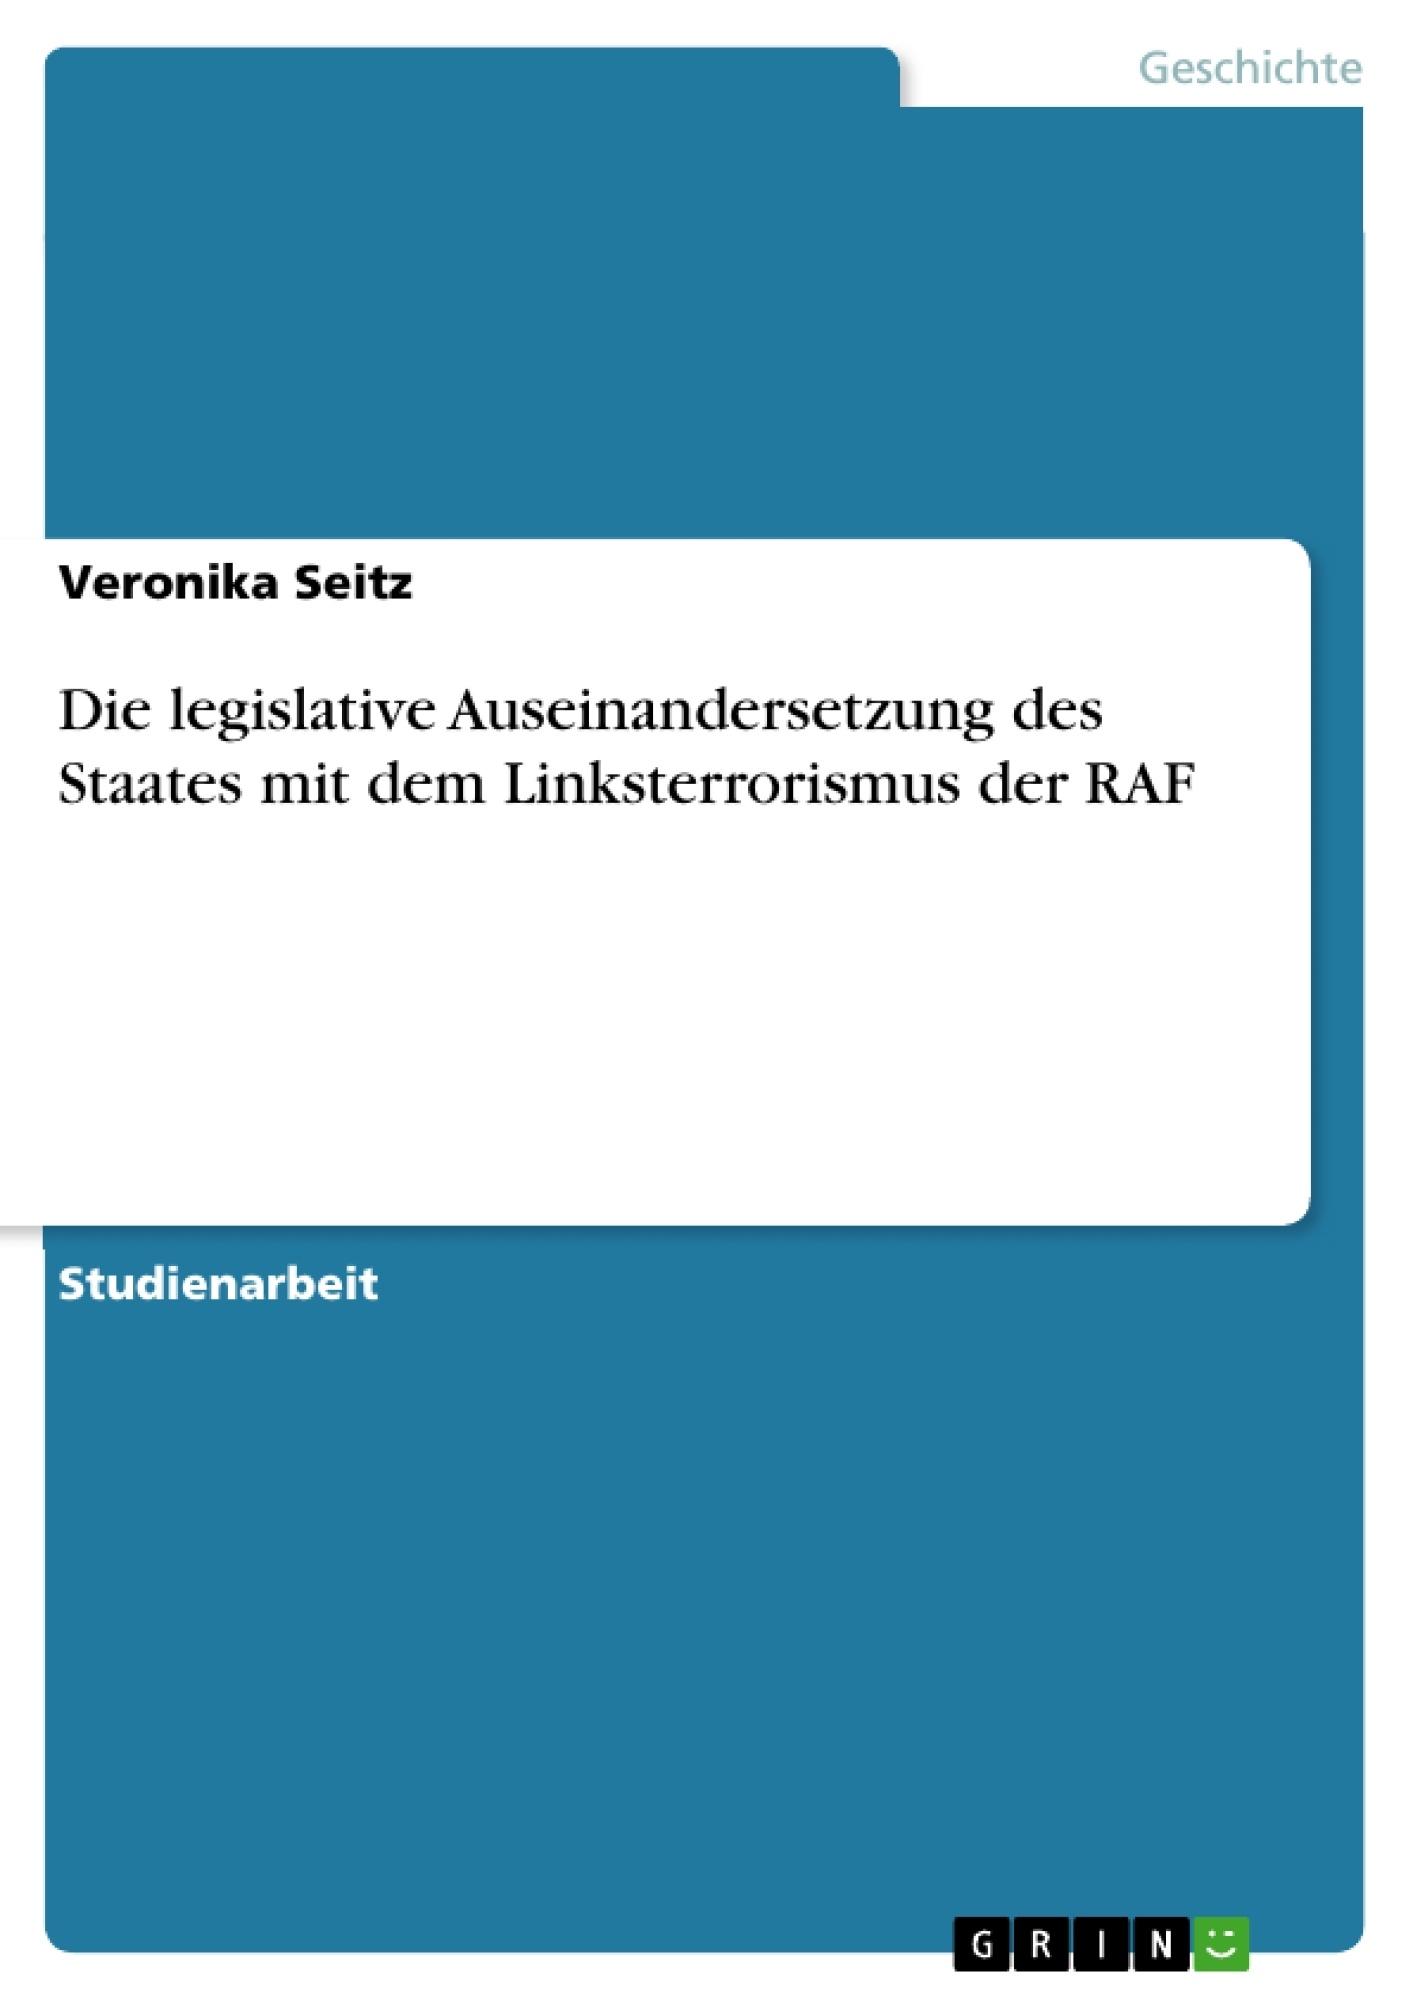 Titel: Die legislative Auseinandersetzung des Staates mit dem Linksterrorismus der RAF